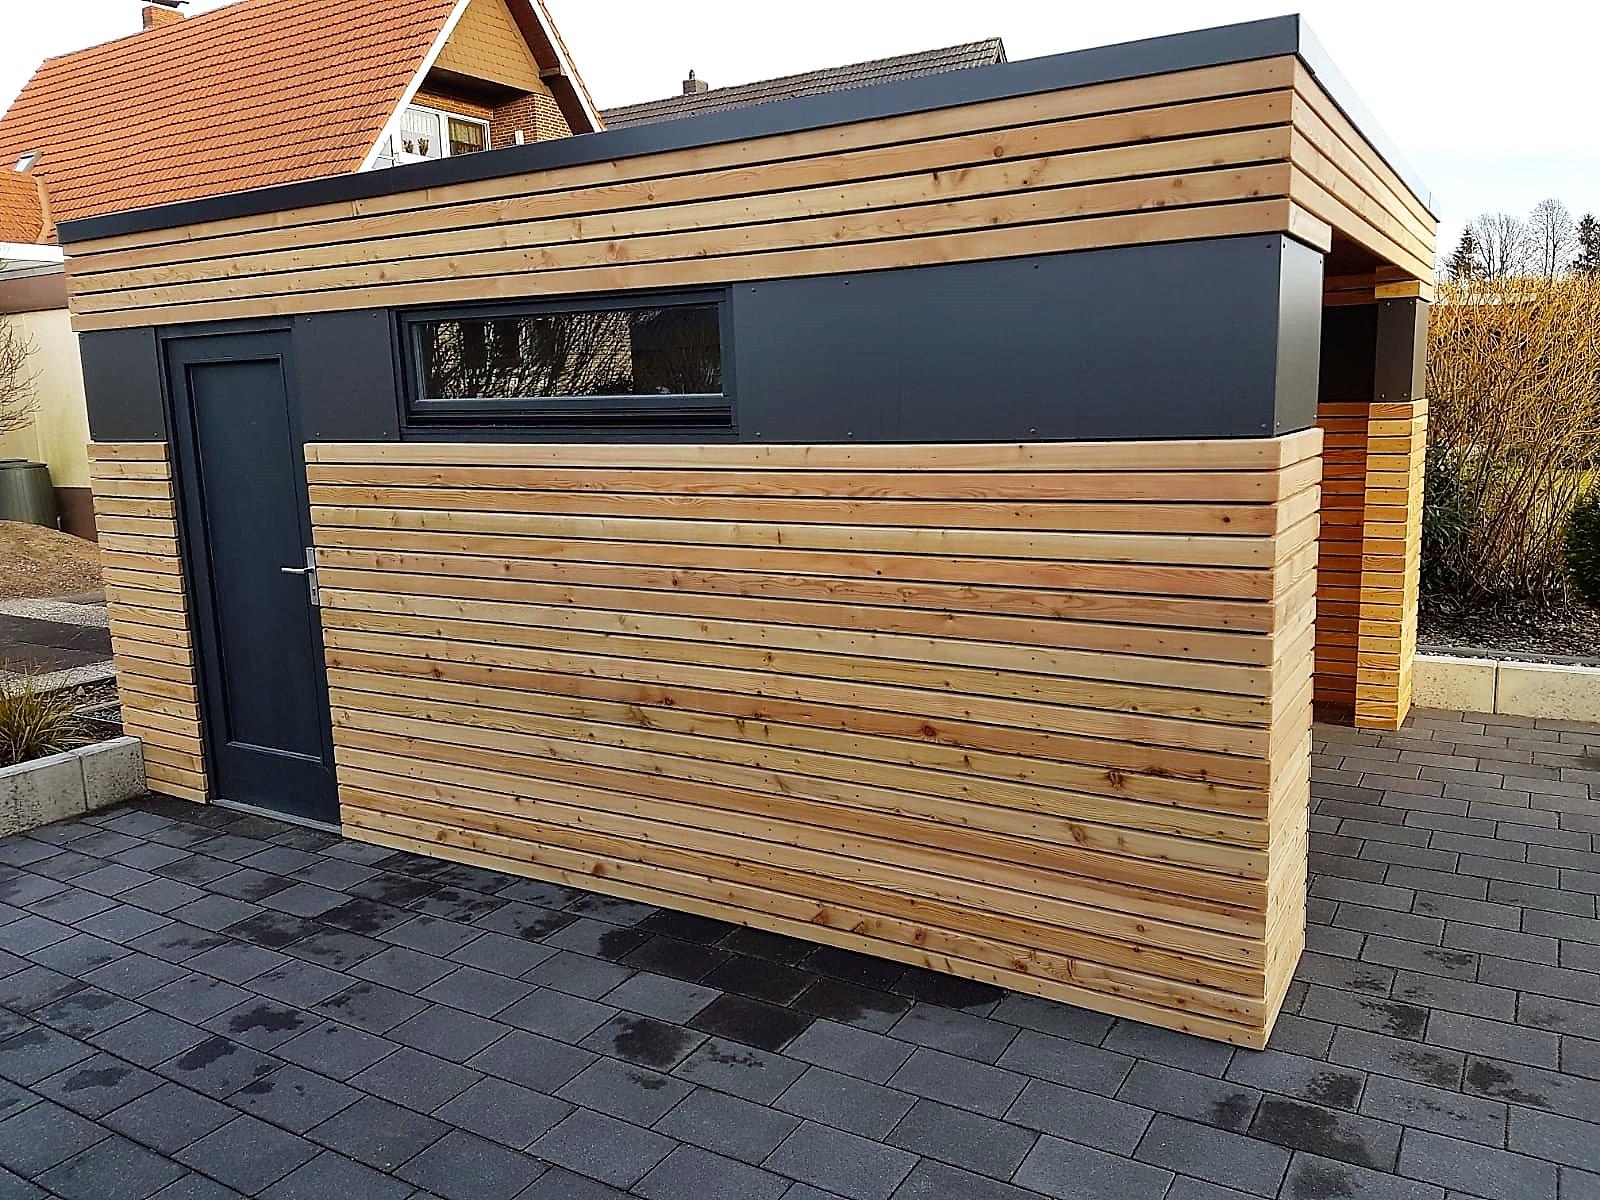 Gartenhaus, Blockcube, Detail, Hebe-Schiebe-Elemente